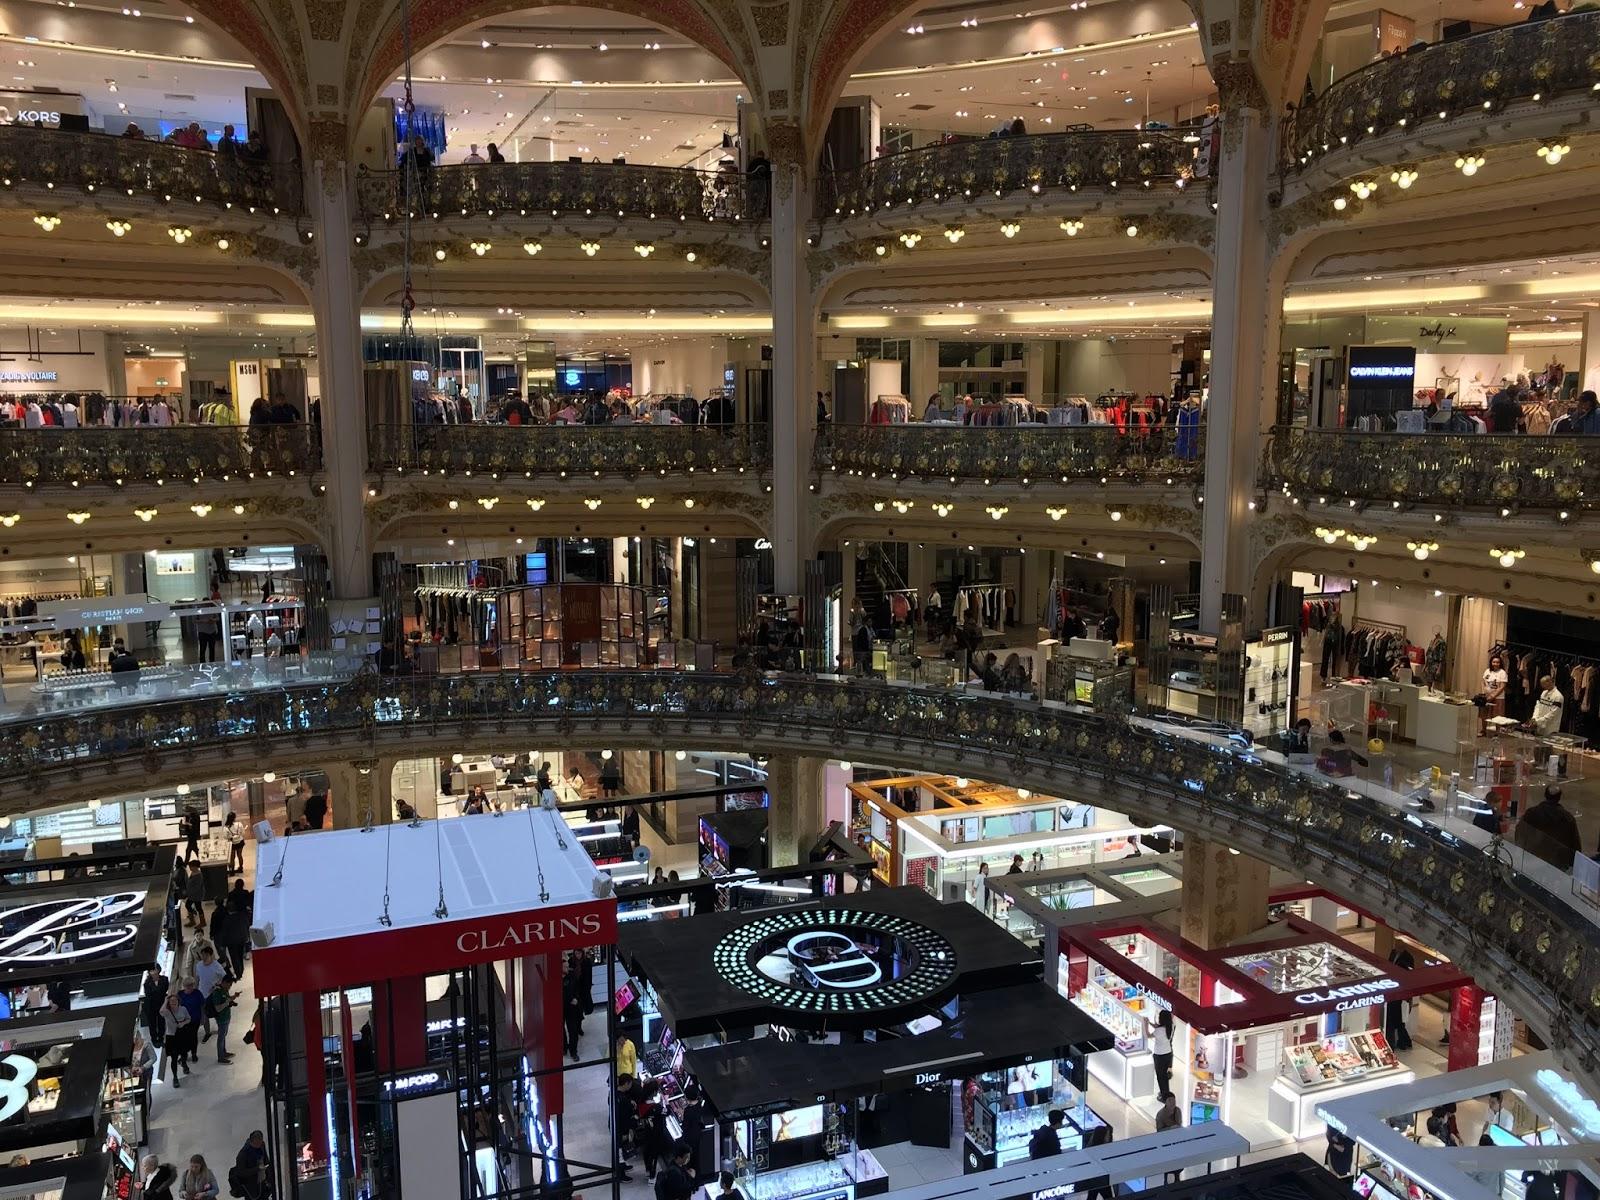 3a4a469dc1a Mulle üldiselt suured pirakad kaubamajad ei meeldi, aga loomulikult  külastasin ma poe raamatuosakonda. Siiski on pood valitud maailma 14 parima  kaubamaja ...